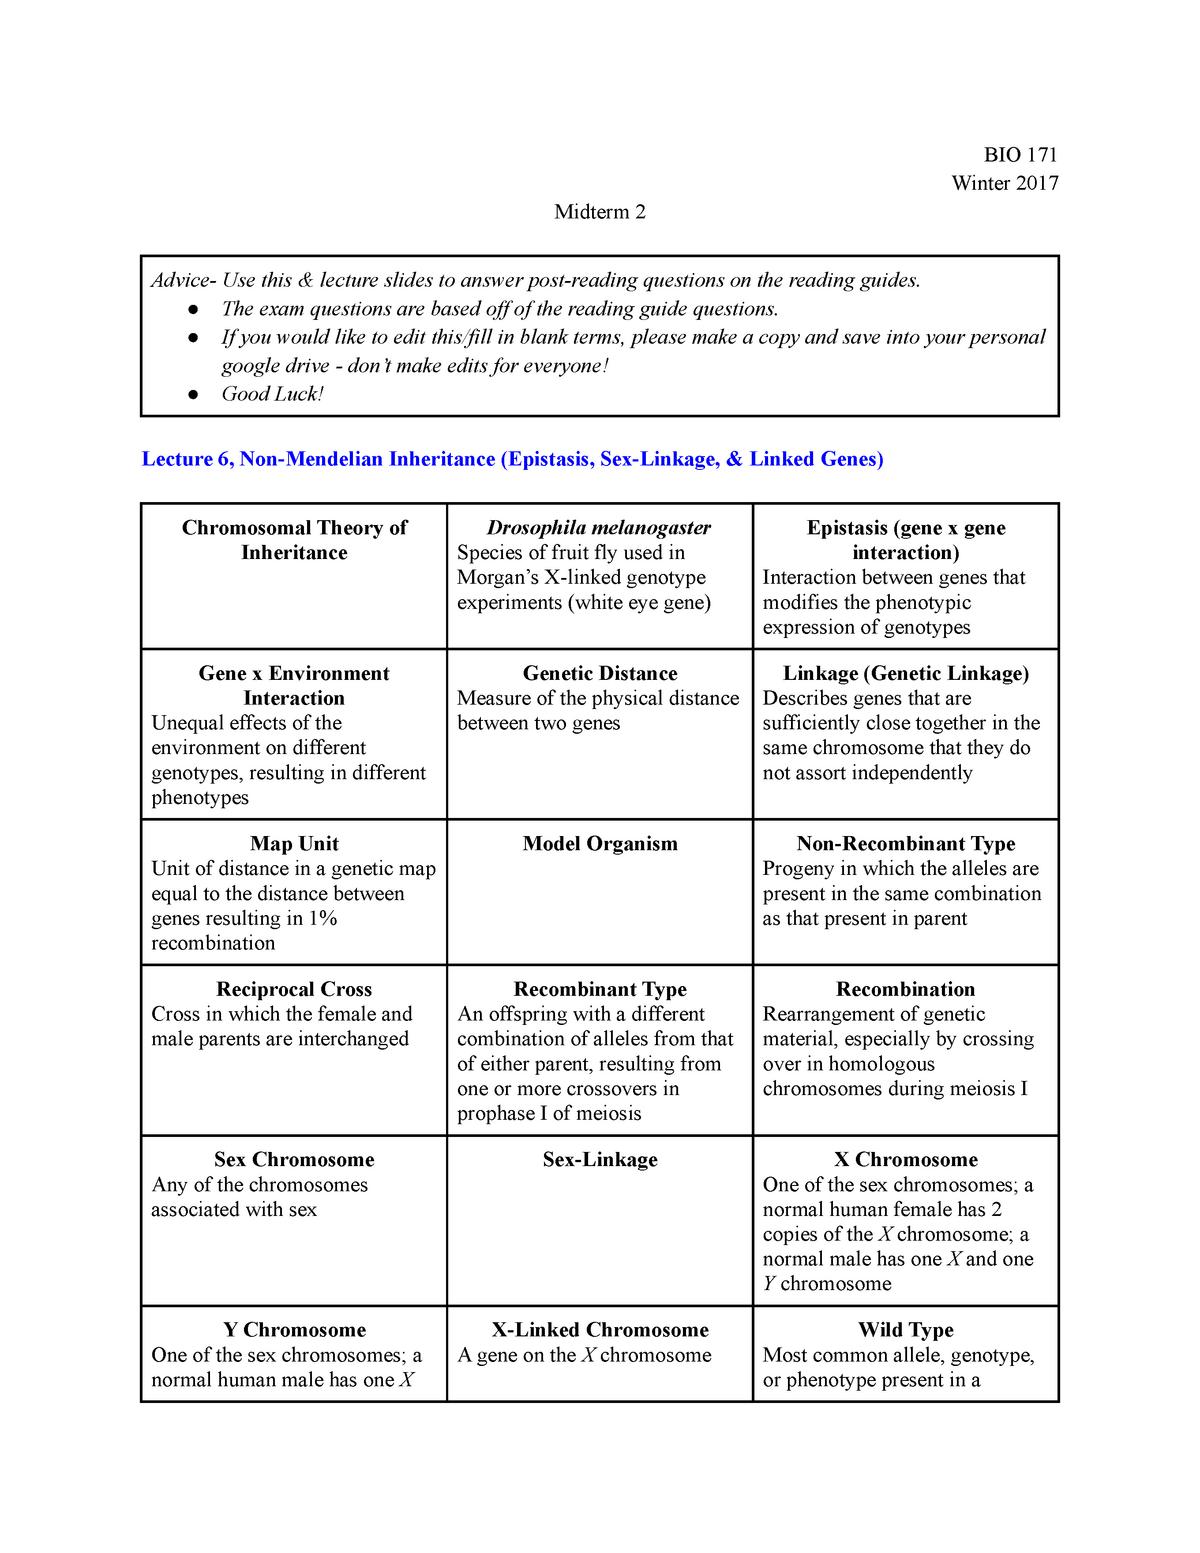 Exam 2 Review Guide - BL 3190: Evolution - StuDocu Drosophila Linkage Map on